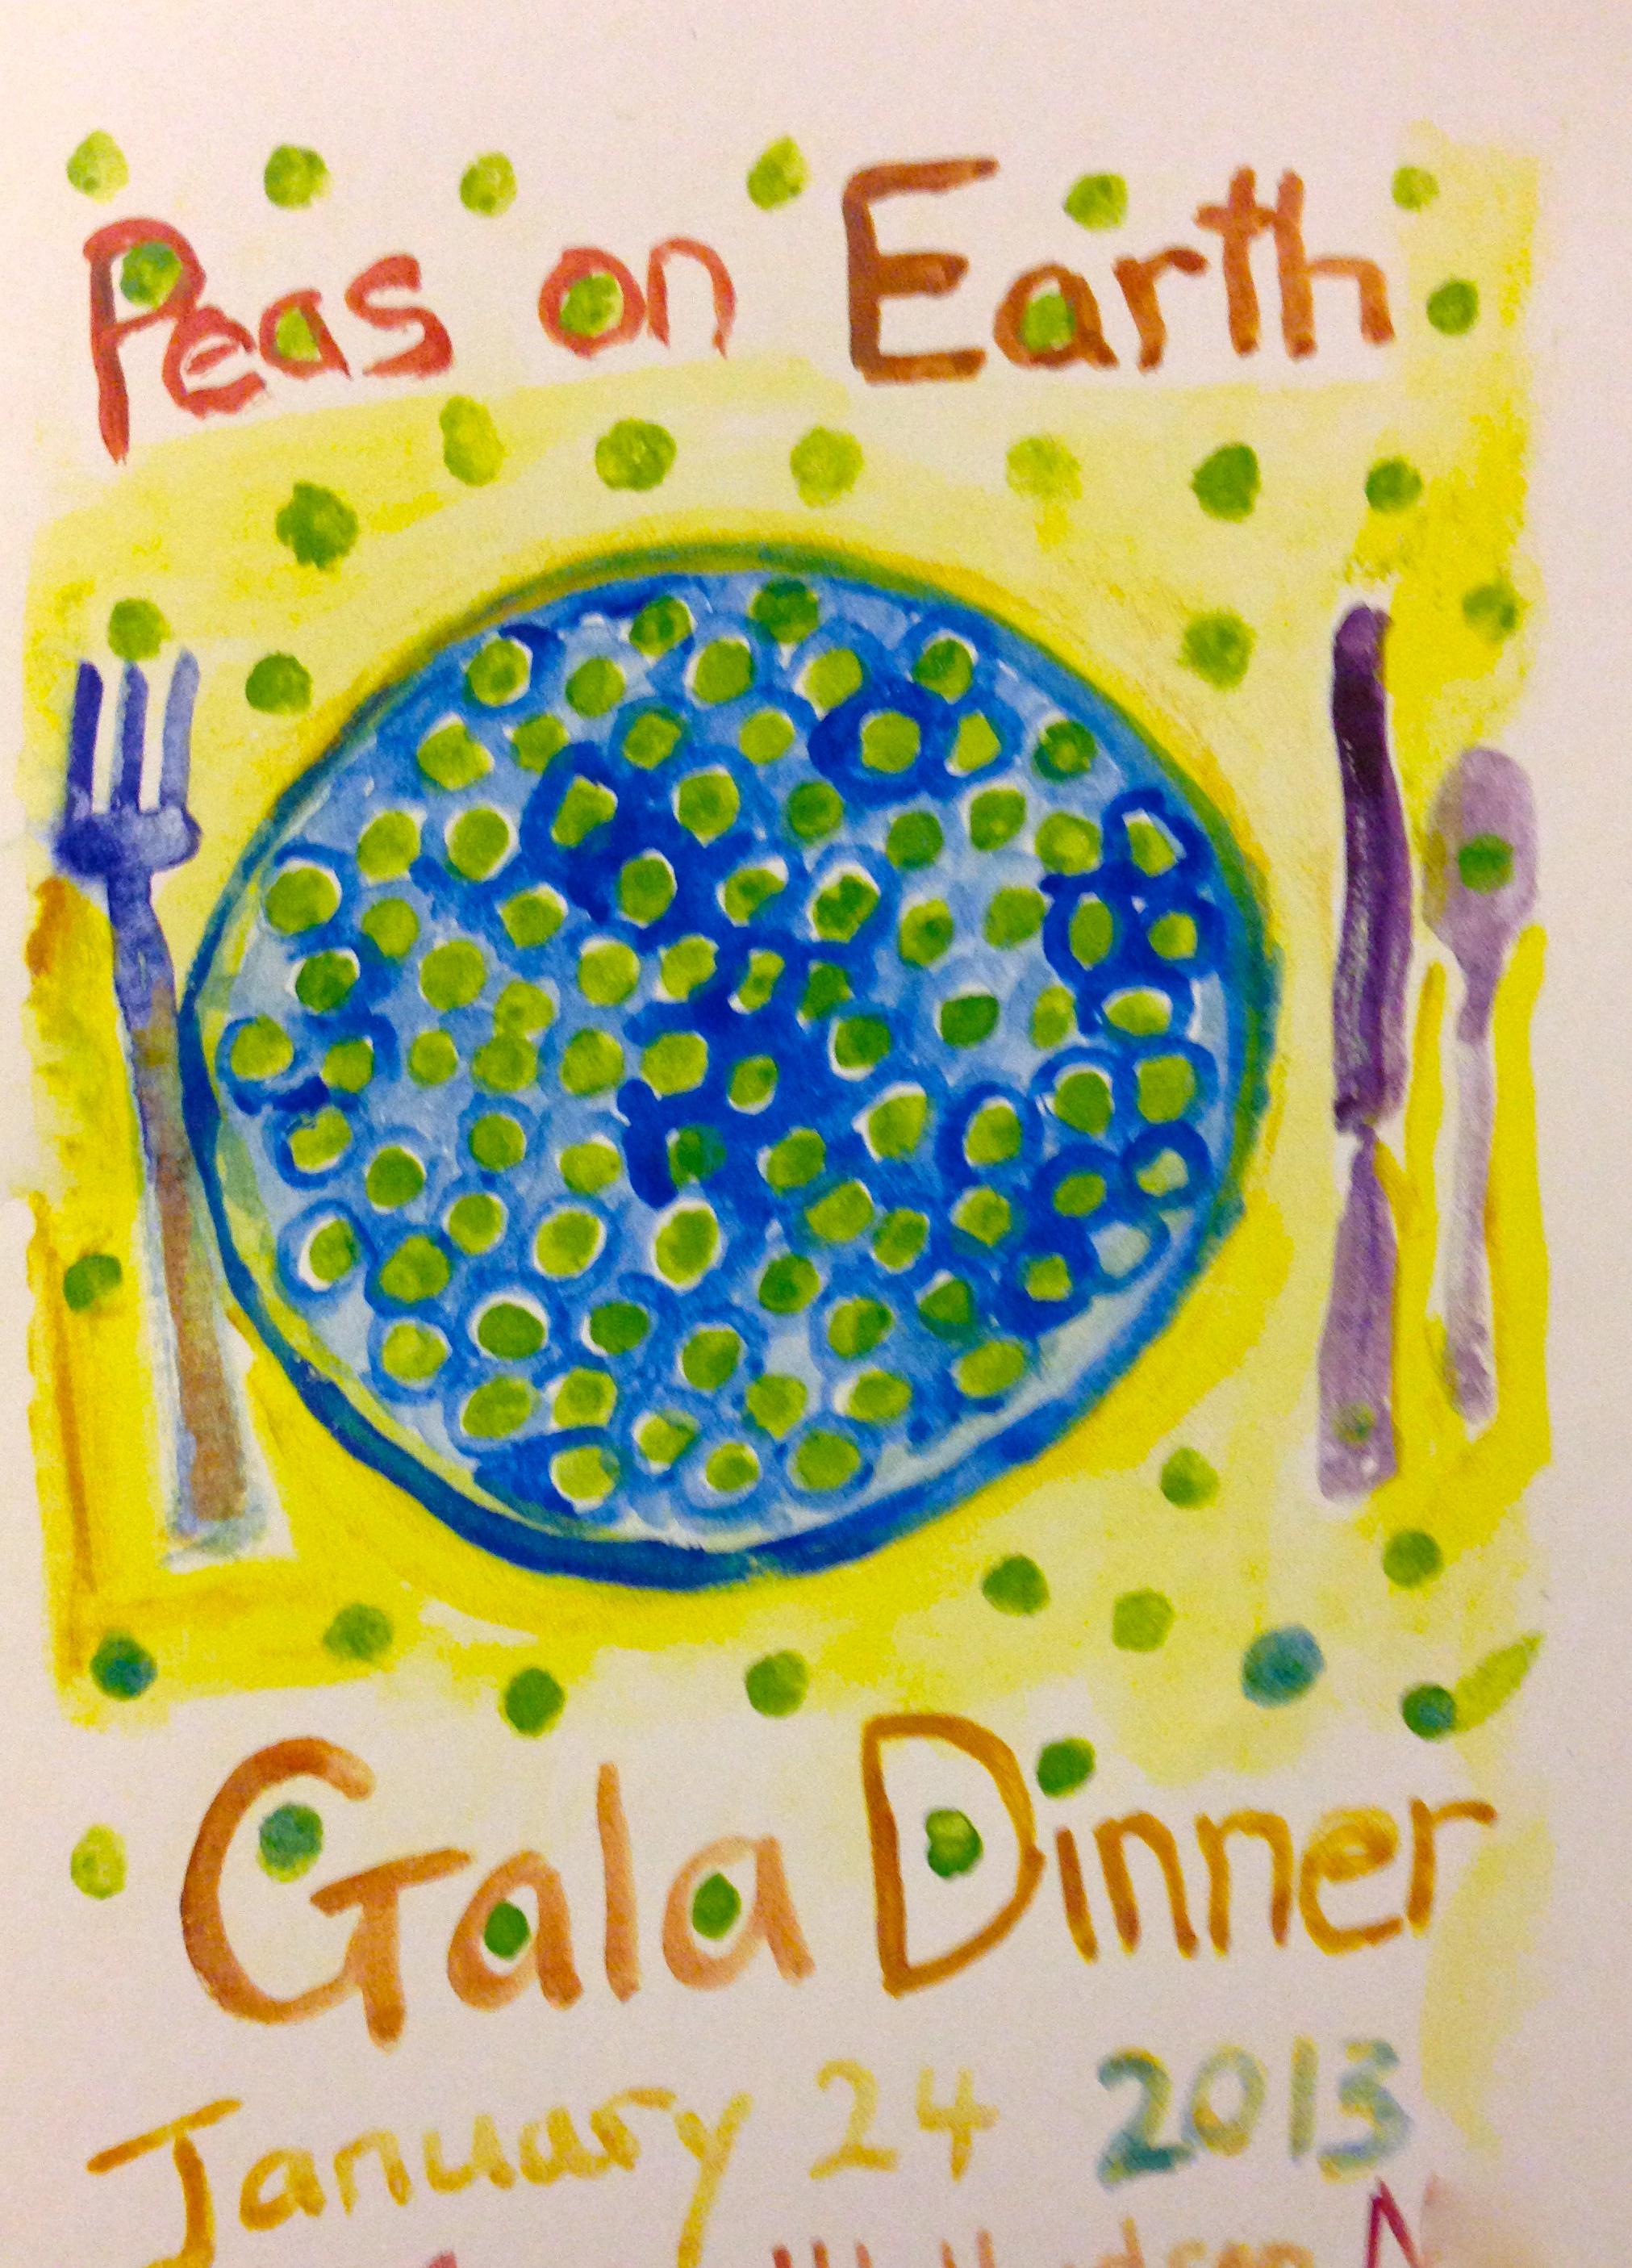 Invitation -Peas on Earth Gala Dinner